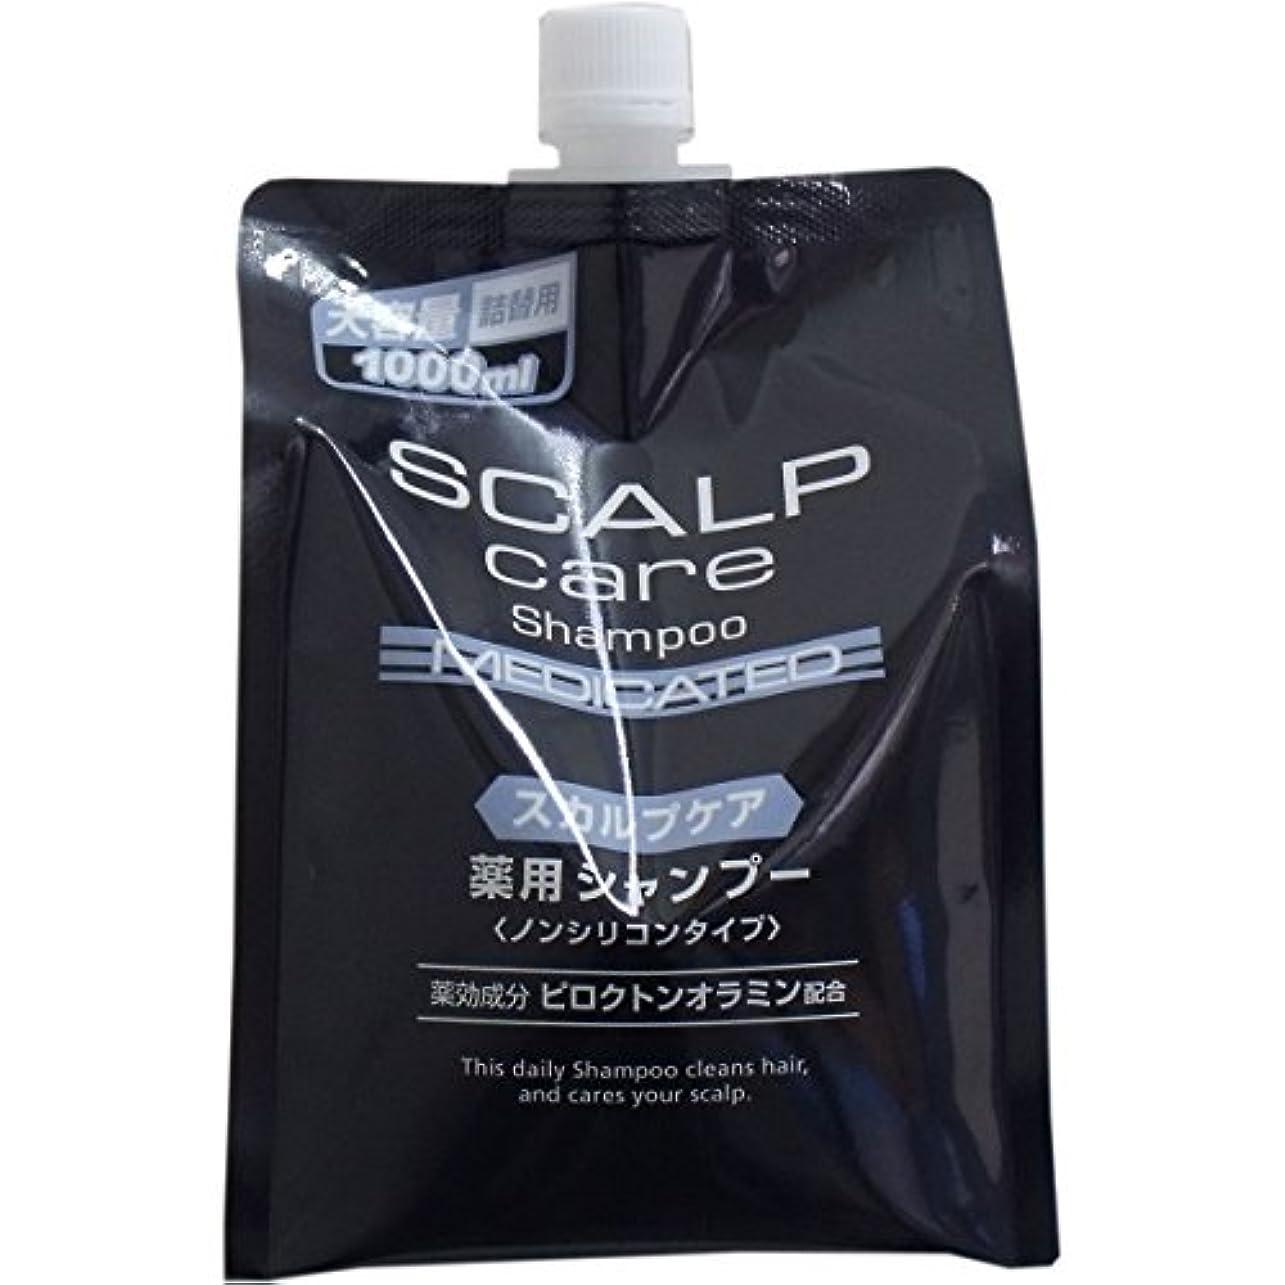 遺産コンパス擁するピース薬品 スカルプシャンプー 大容量詰替用 1000ml